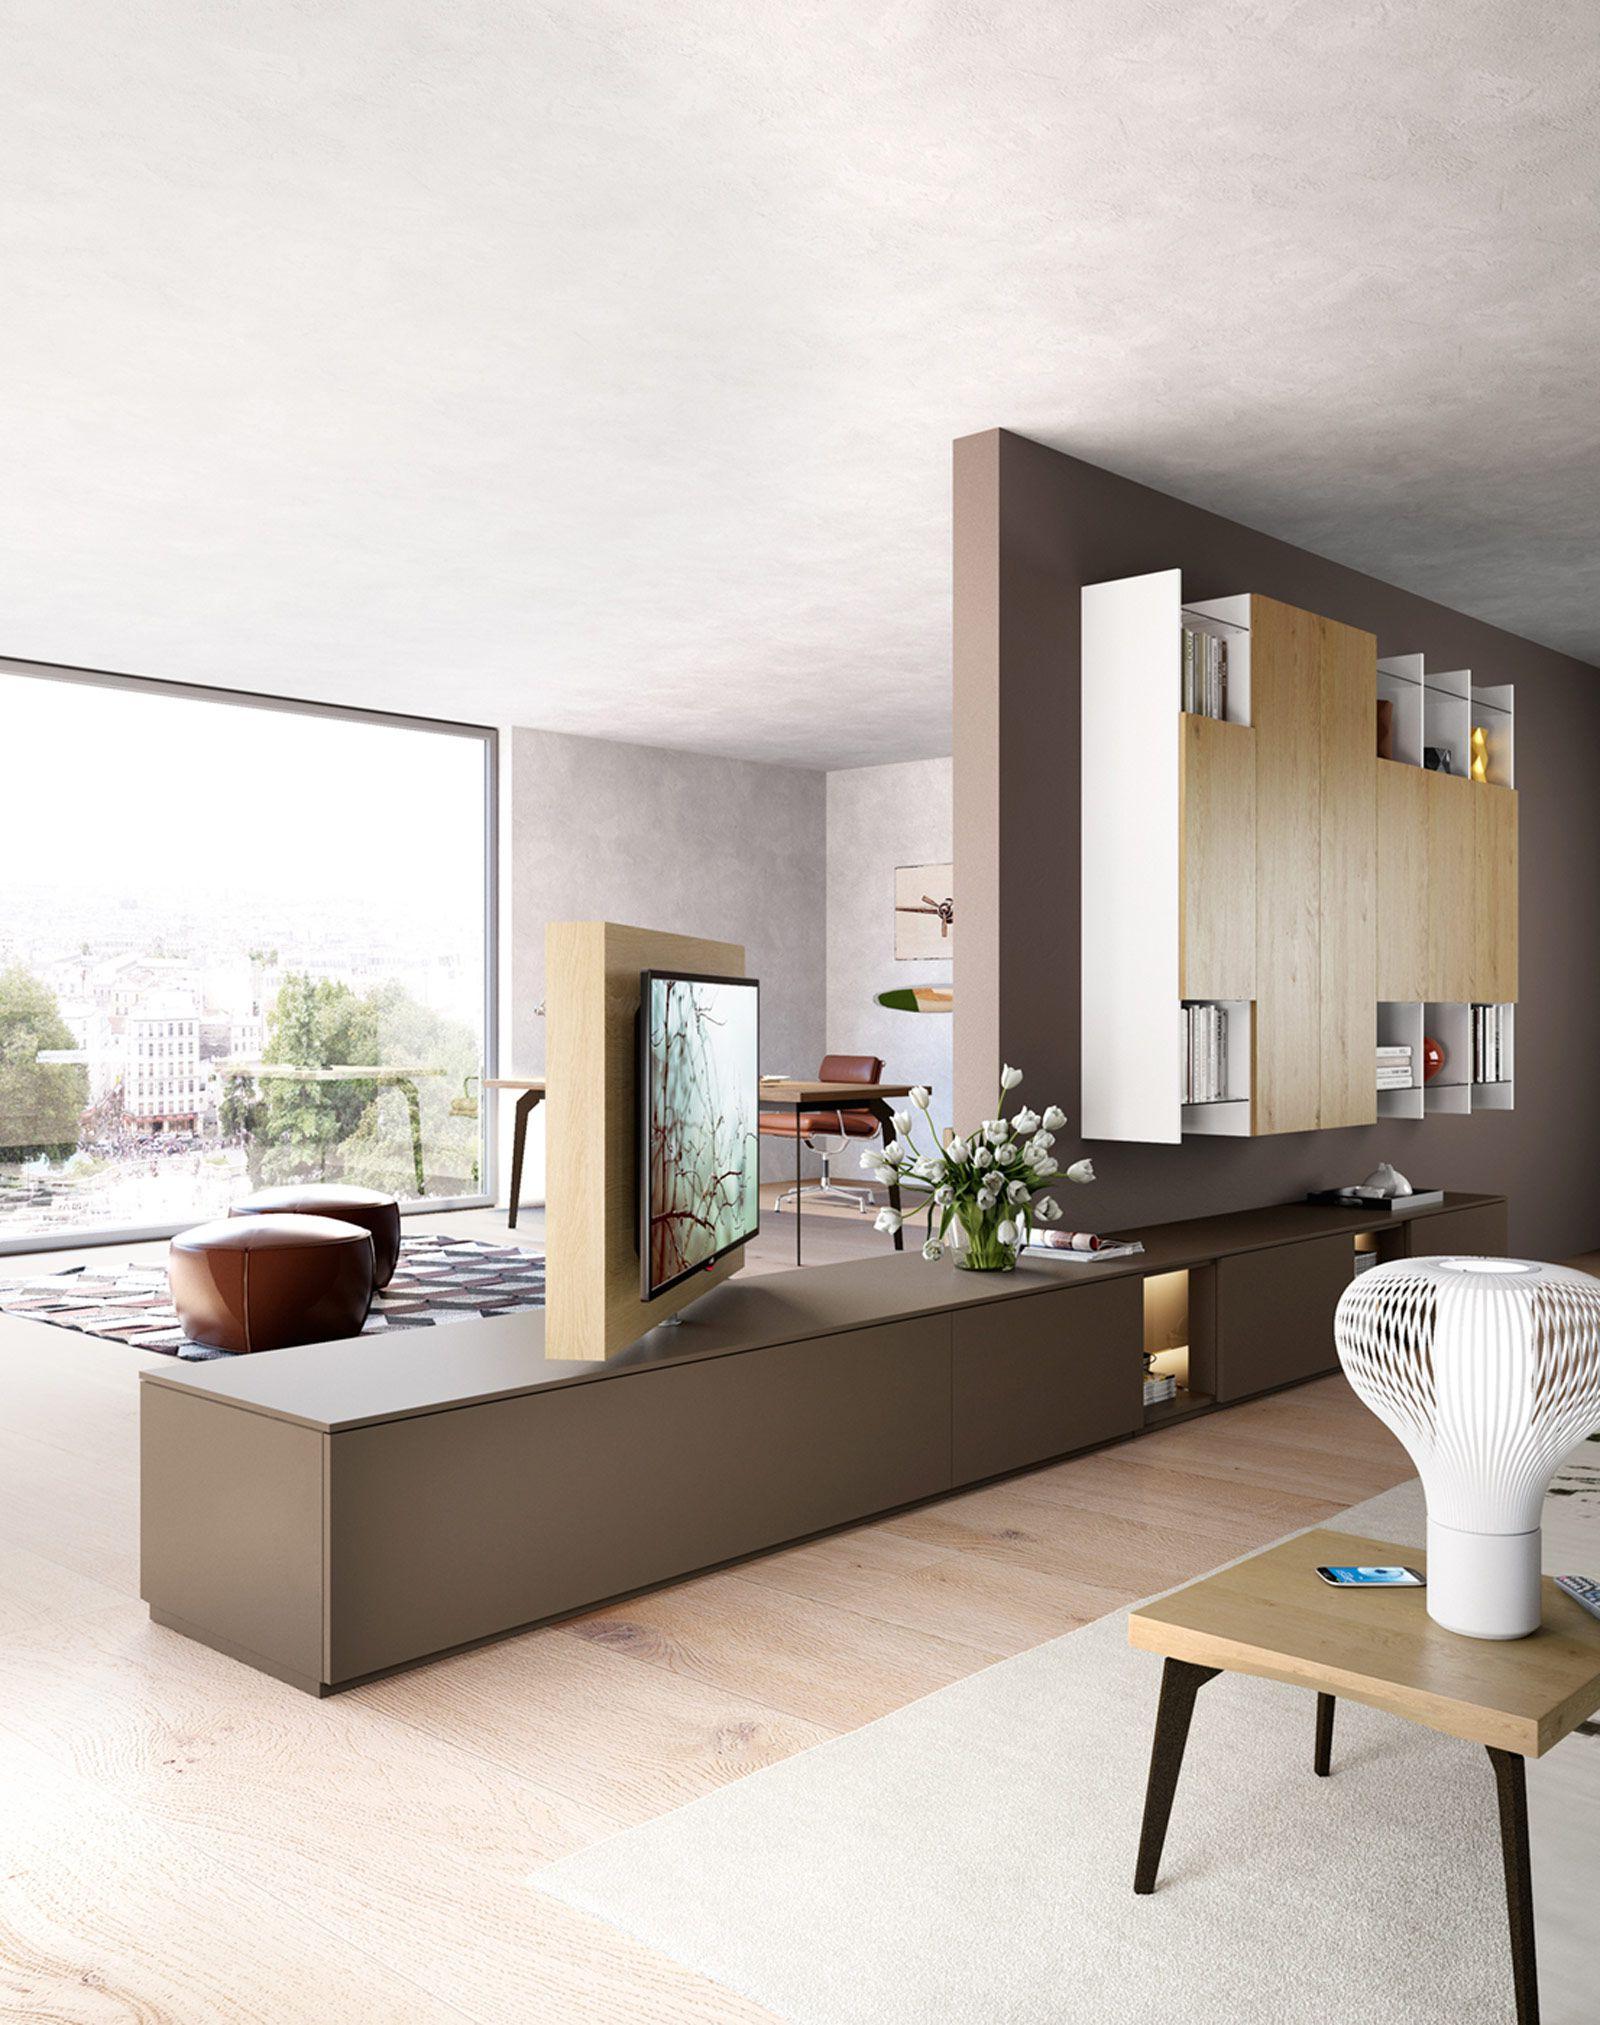 Mueble Tv Giratorio 360 S1du Porta Tv Girevole orientabile Free View 360 Sky Dettaglio Prodotto